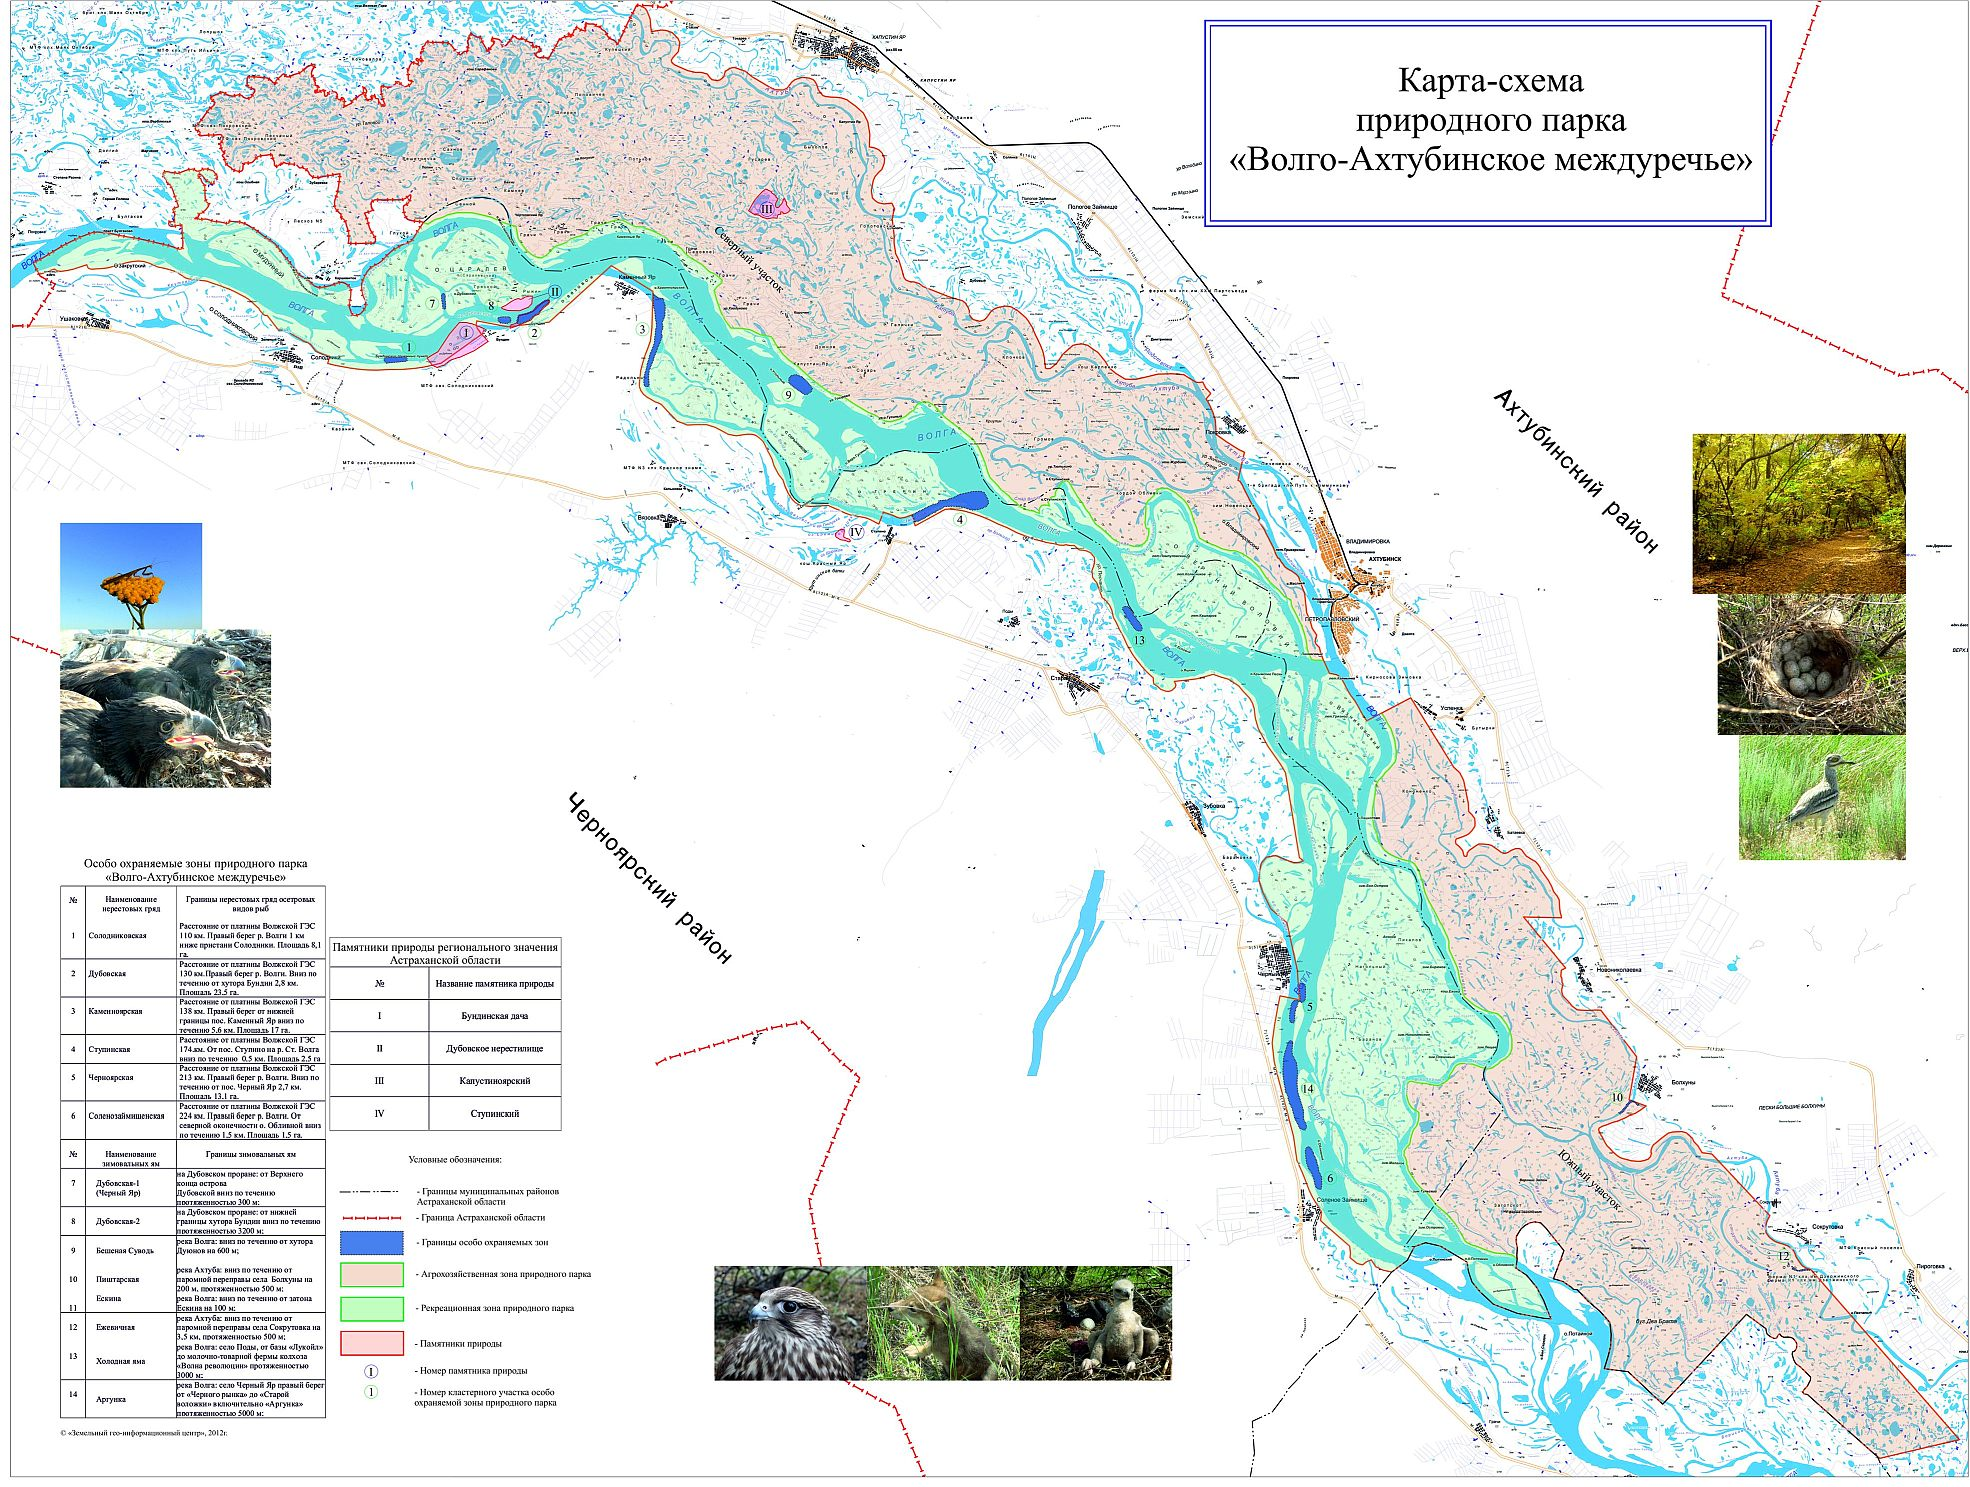 Волго-Ахтубинское междуречье карта план  | Волго-Ахтубинское междуречье карта план  | https://doyounow.ru/images/kartavaz1.jpg